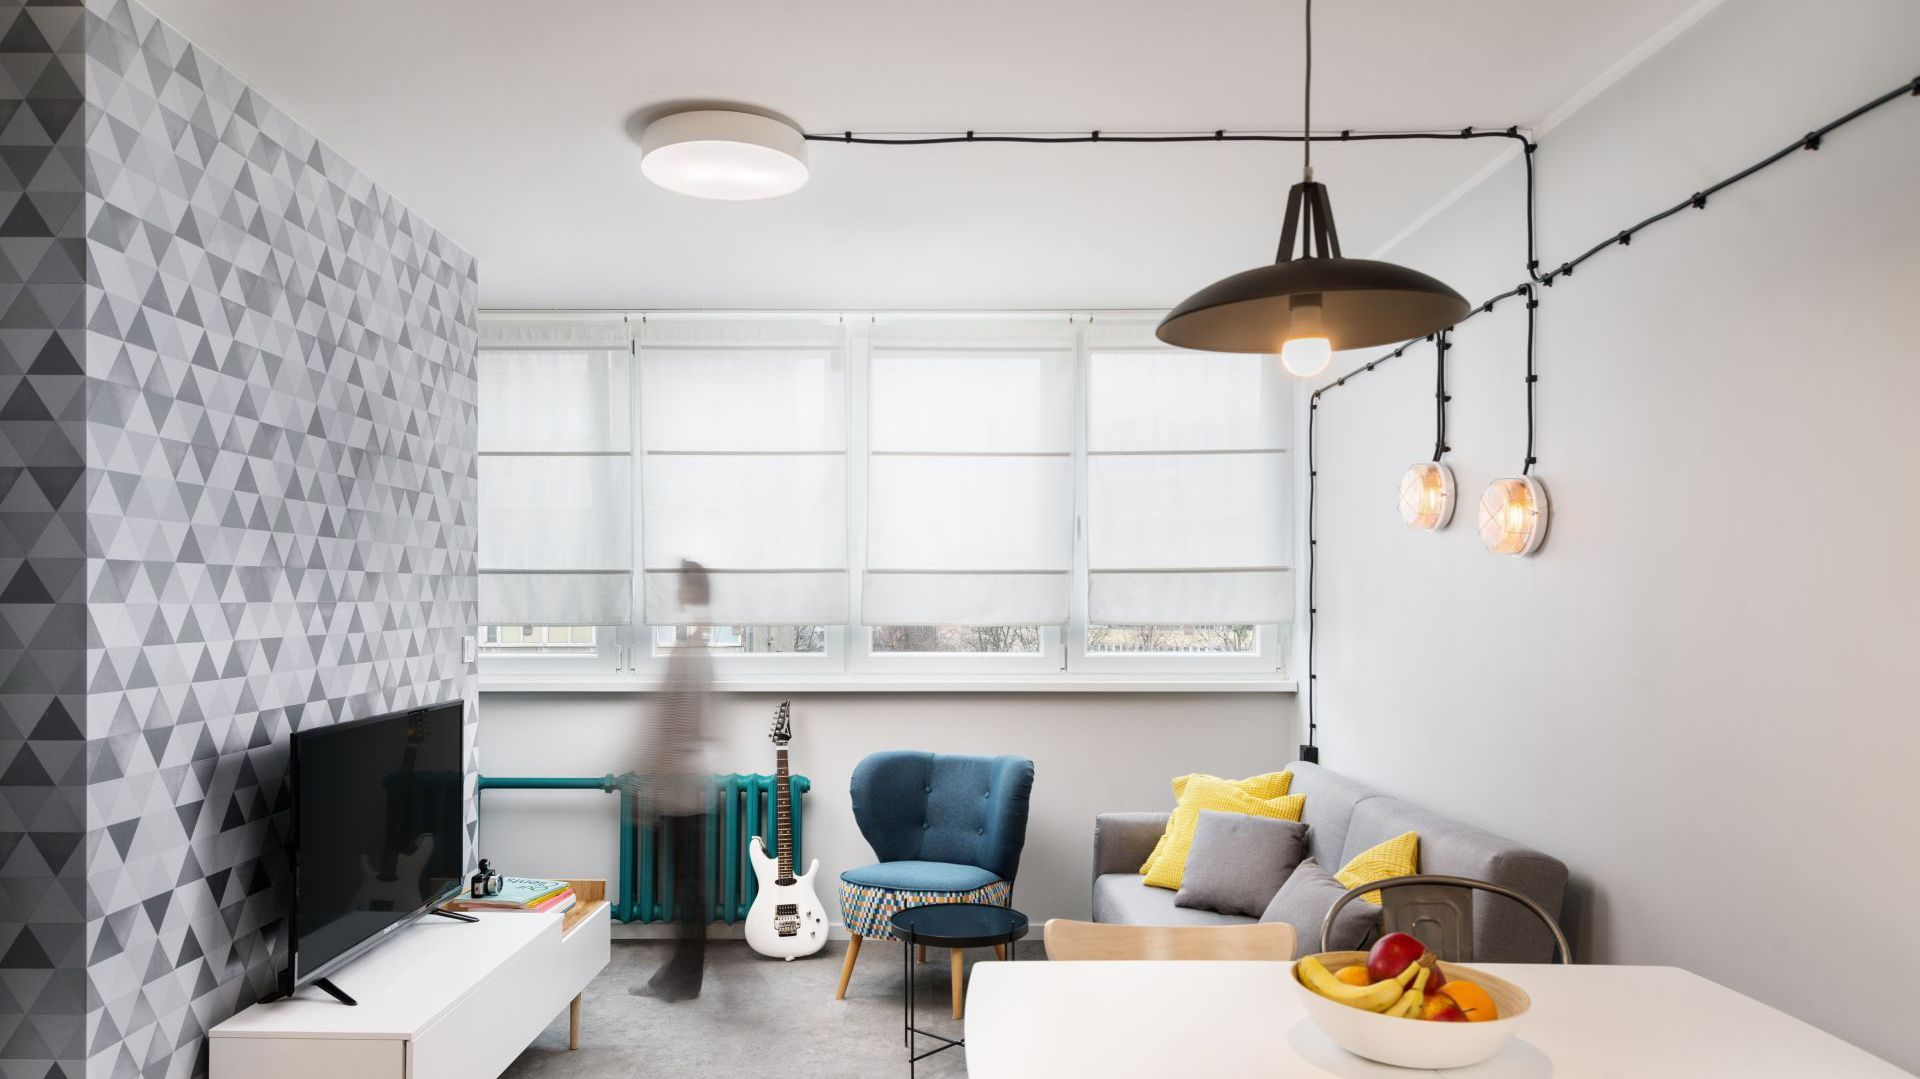 Sofa i fotel to dobre rozwiązanie jeśli w salonie mamy wyjątkowo mało miejsca. Projekt i zdjęcia: Kasia Kokot, Pracownia Inside